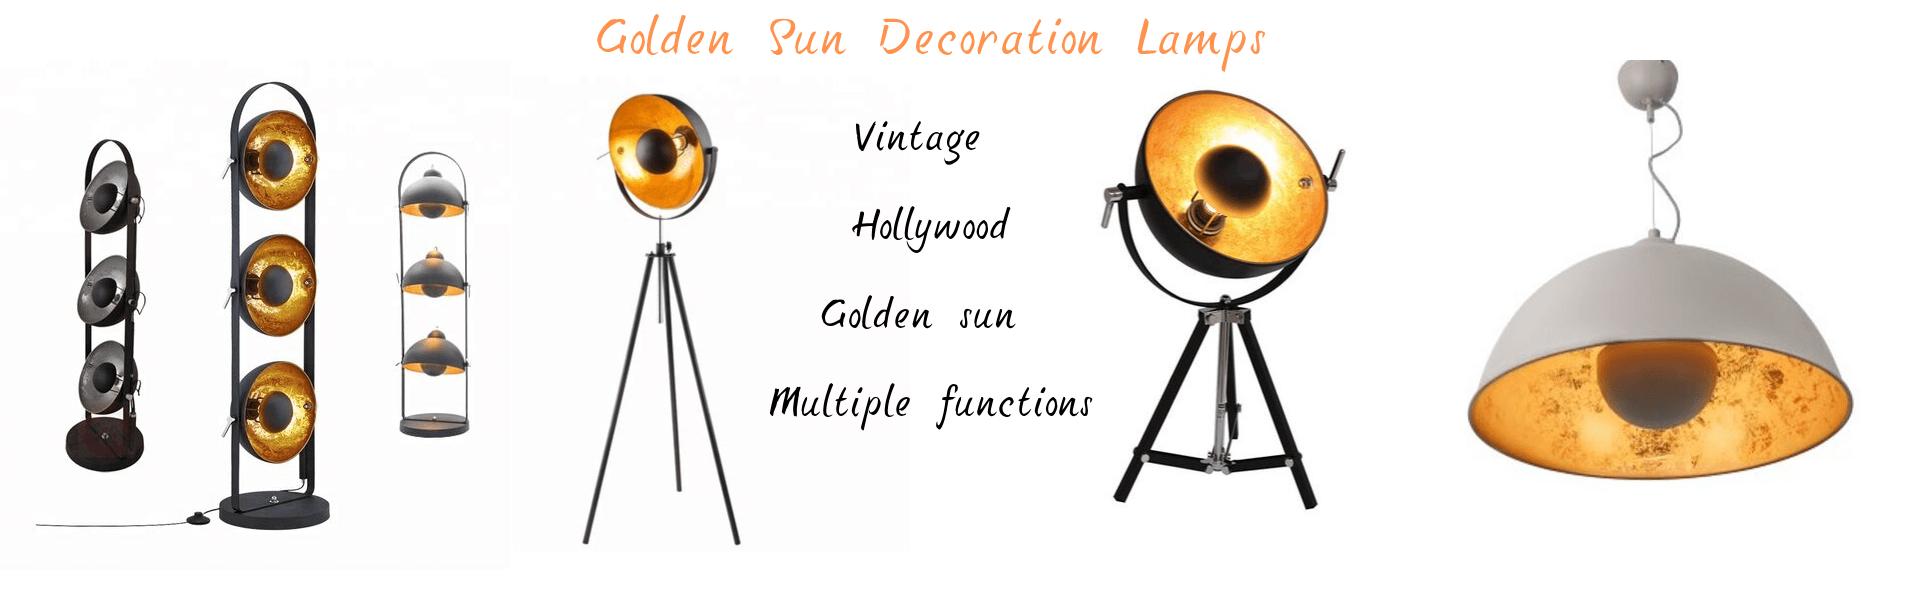 golden sun decoration lamps supplier factory